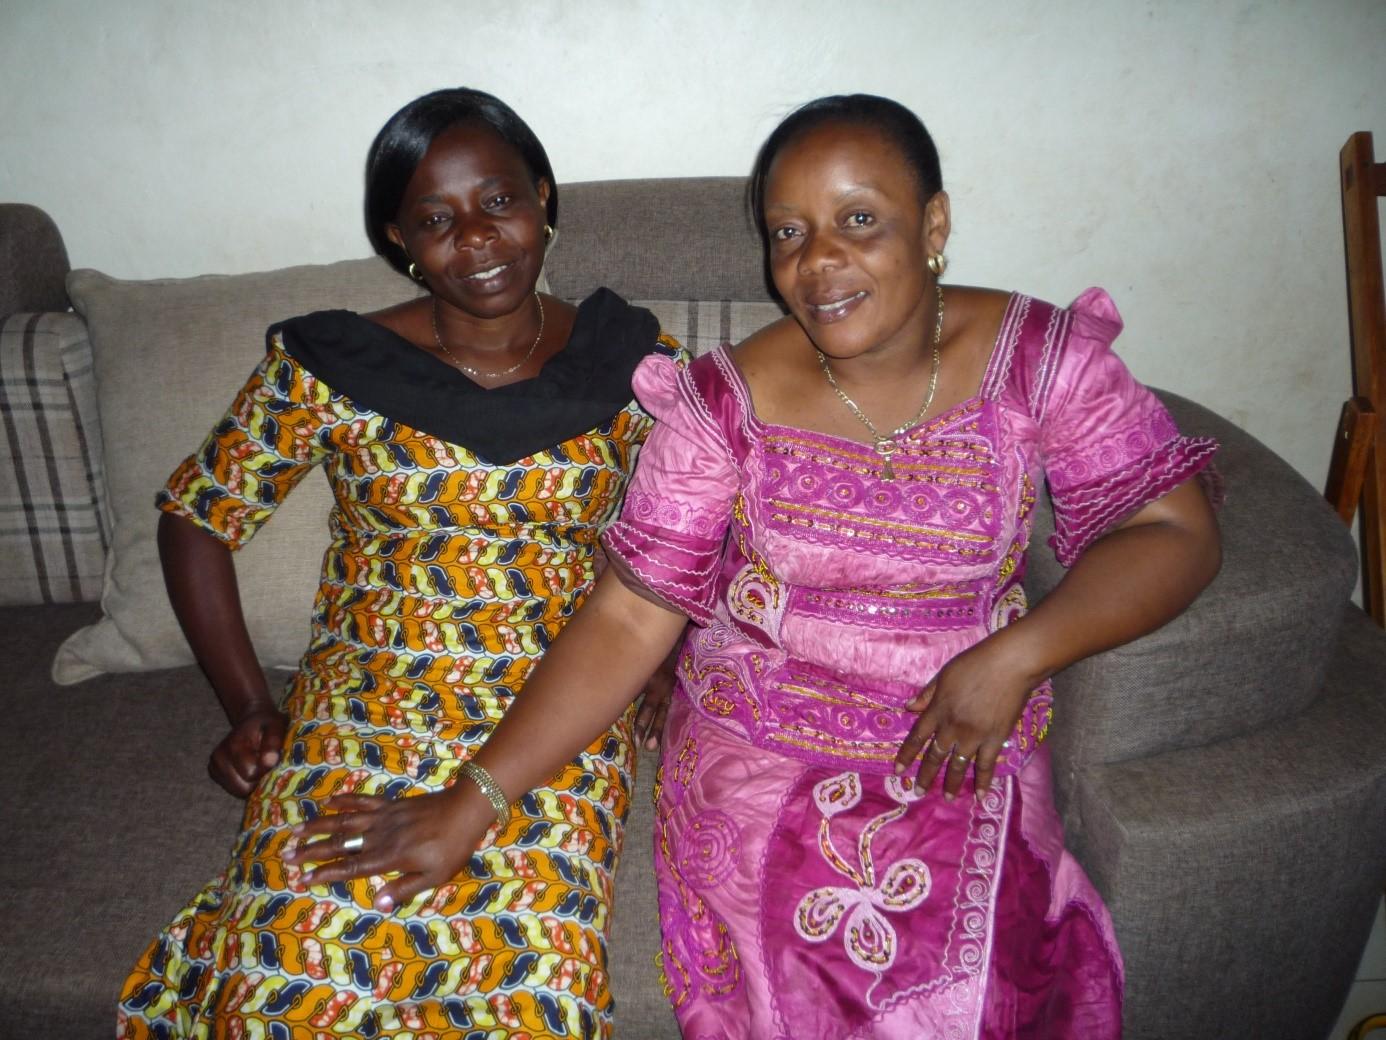 Betreuer und Ansprechpartner der Straßenkinder aus Goma